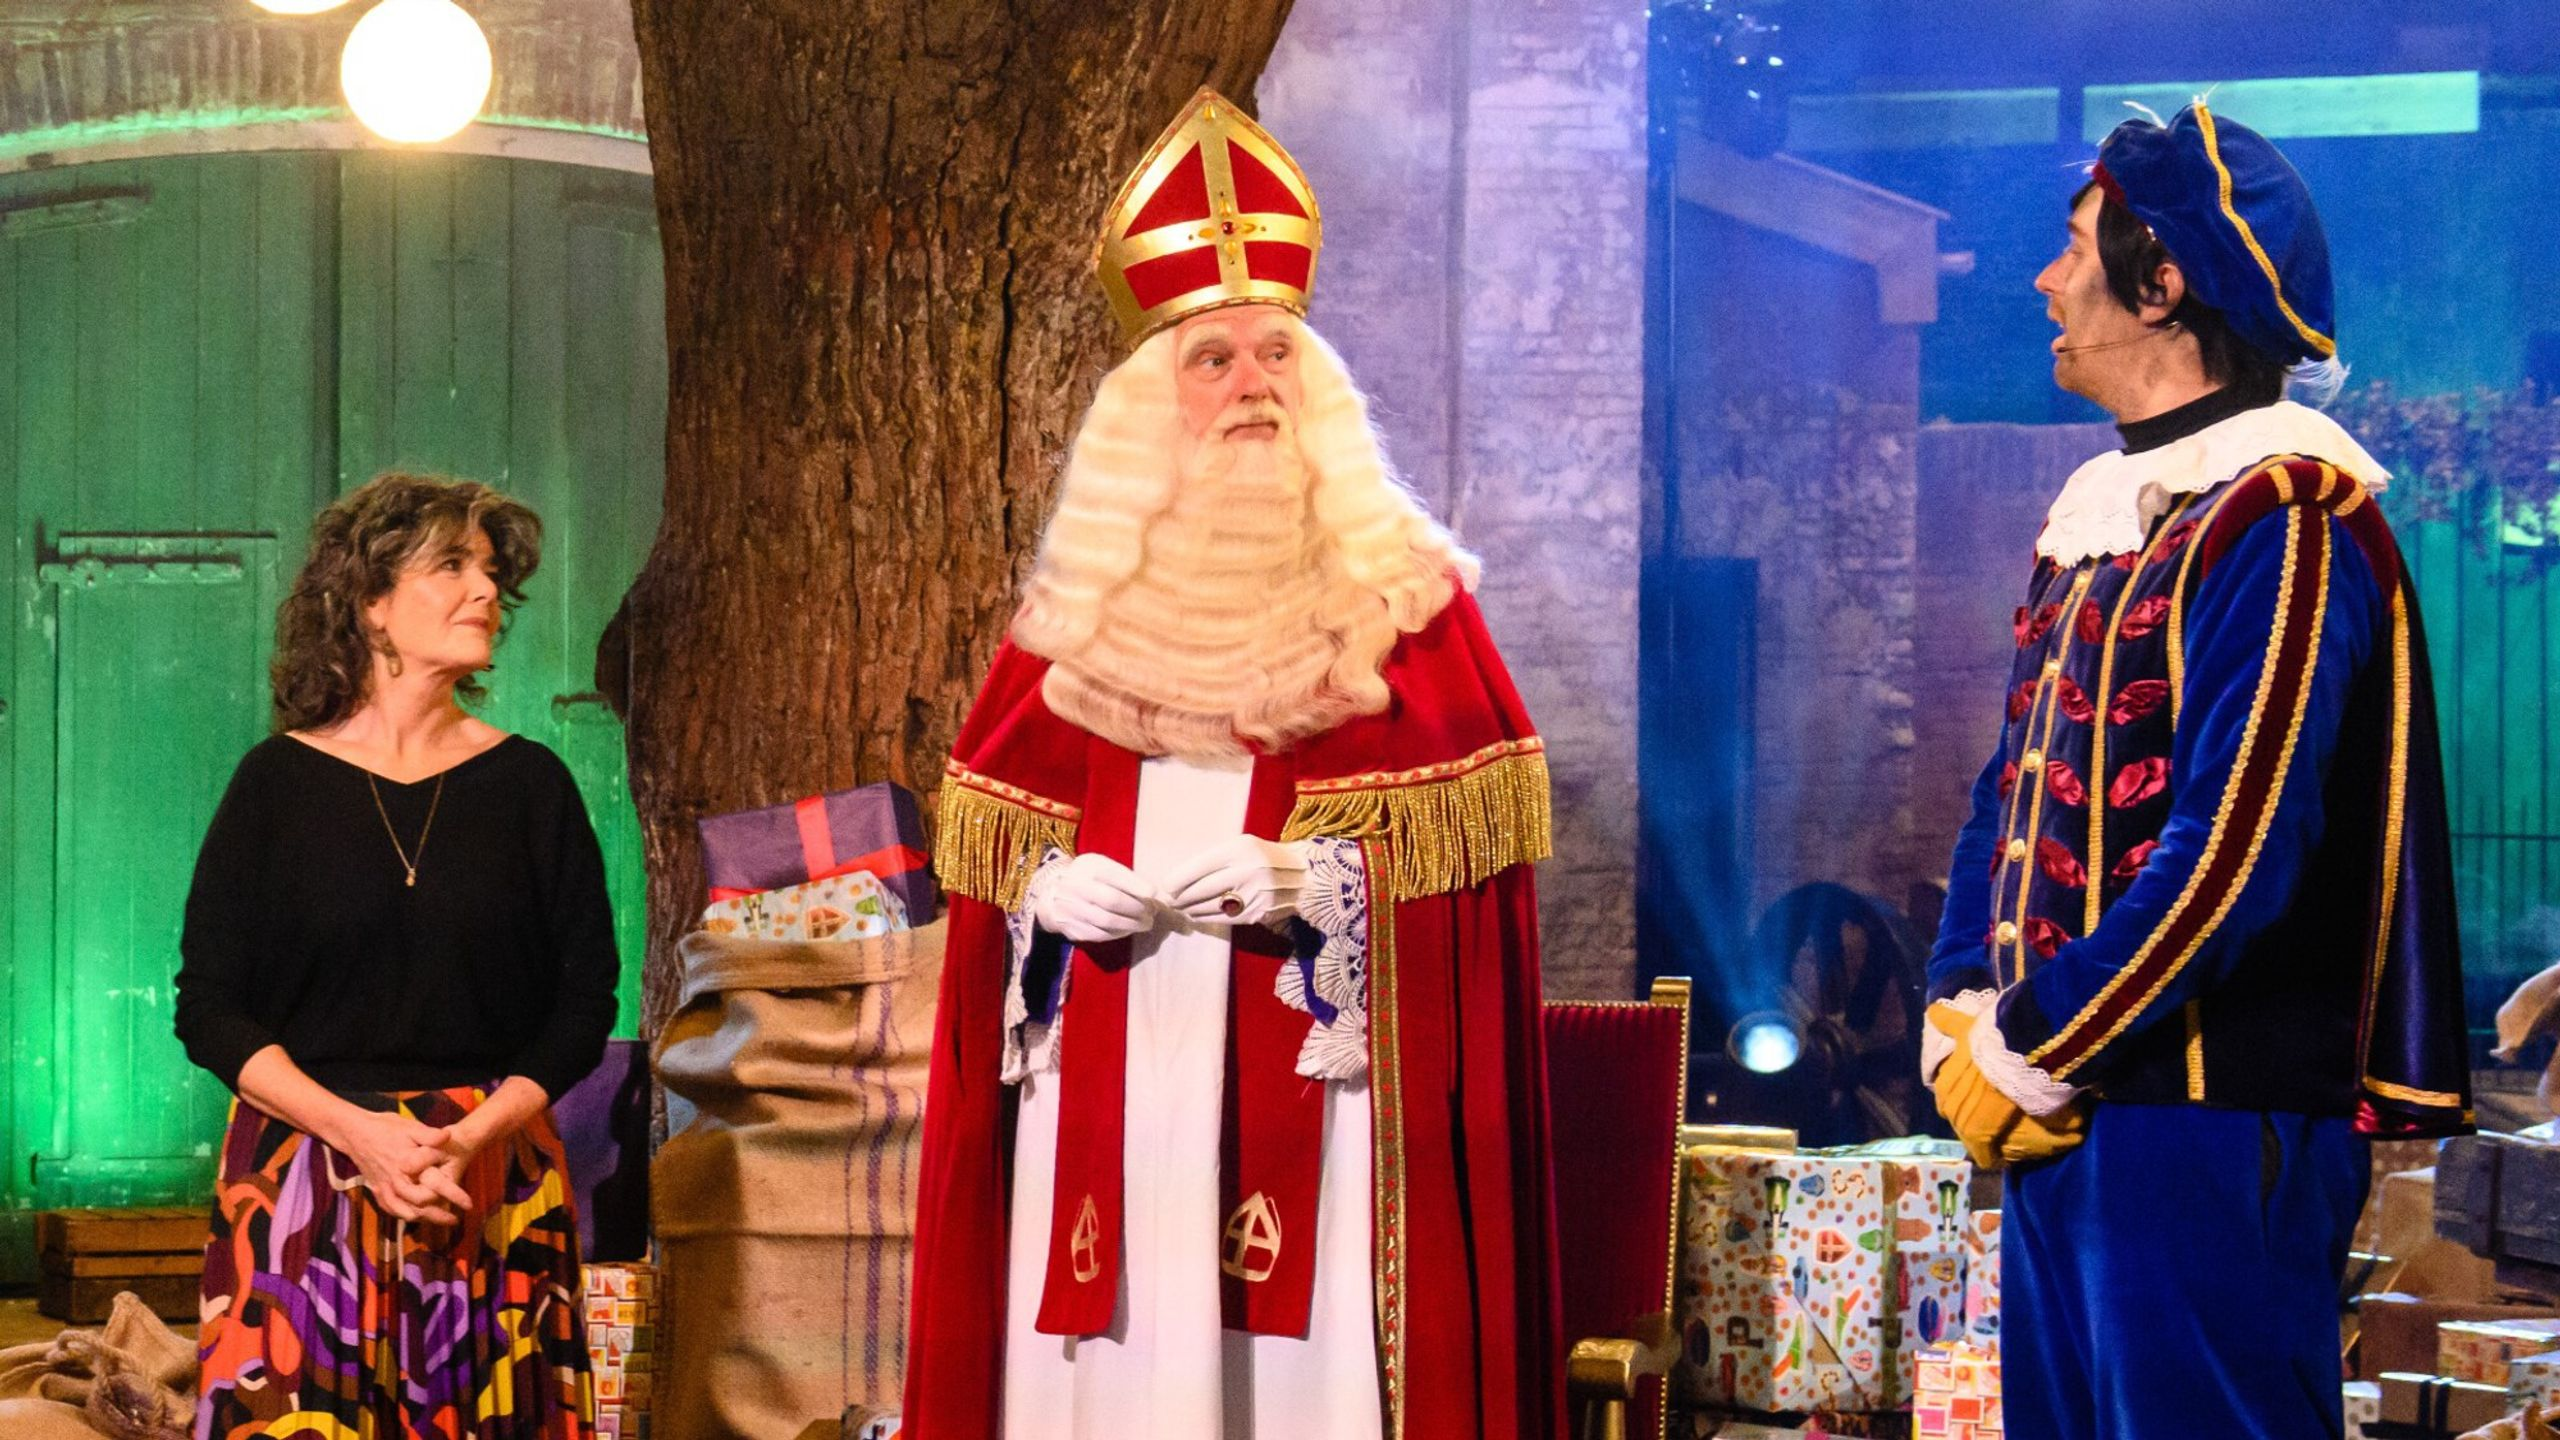 Heerlijk avondje voor Sinterklaas